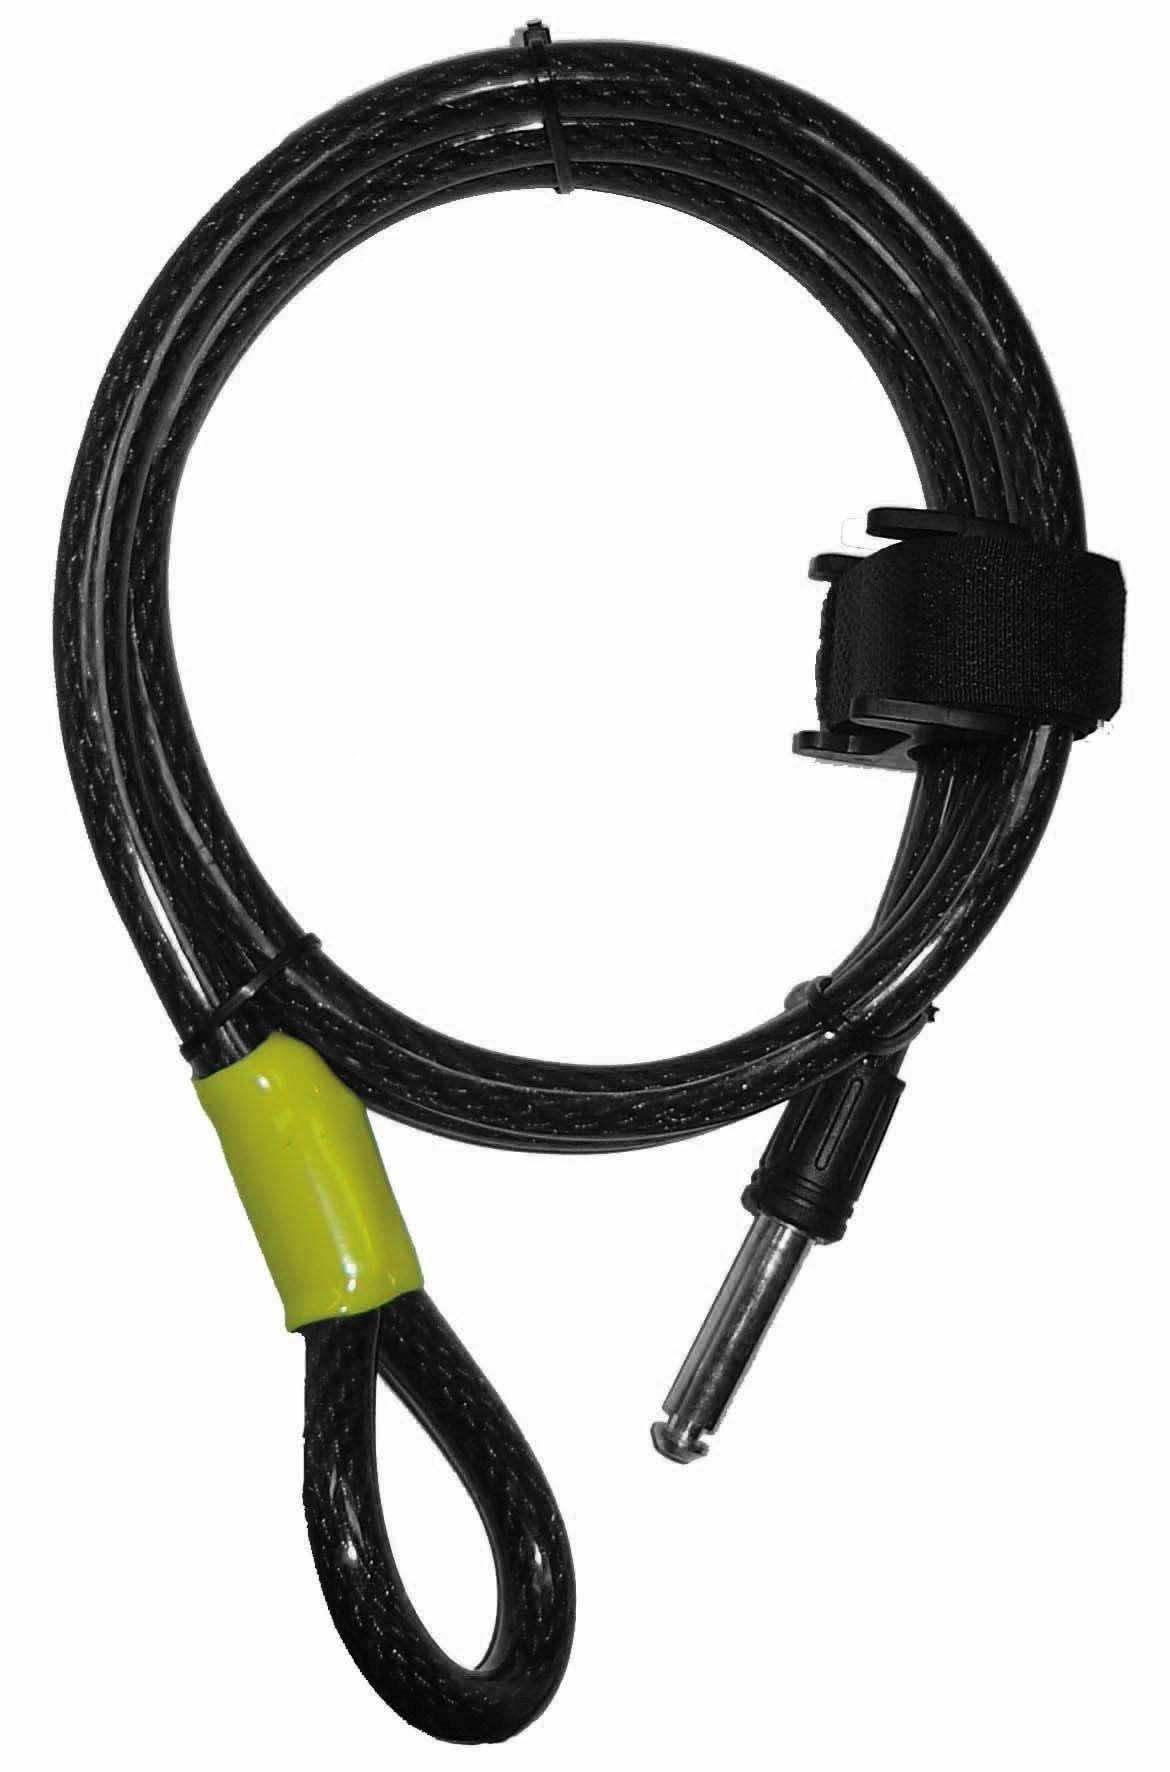 schlosszubehör/Schlösser: Security Plus  Einsteckkabel Kabel für Rahmensch. RS-K 160